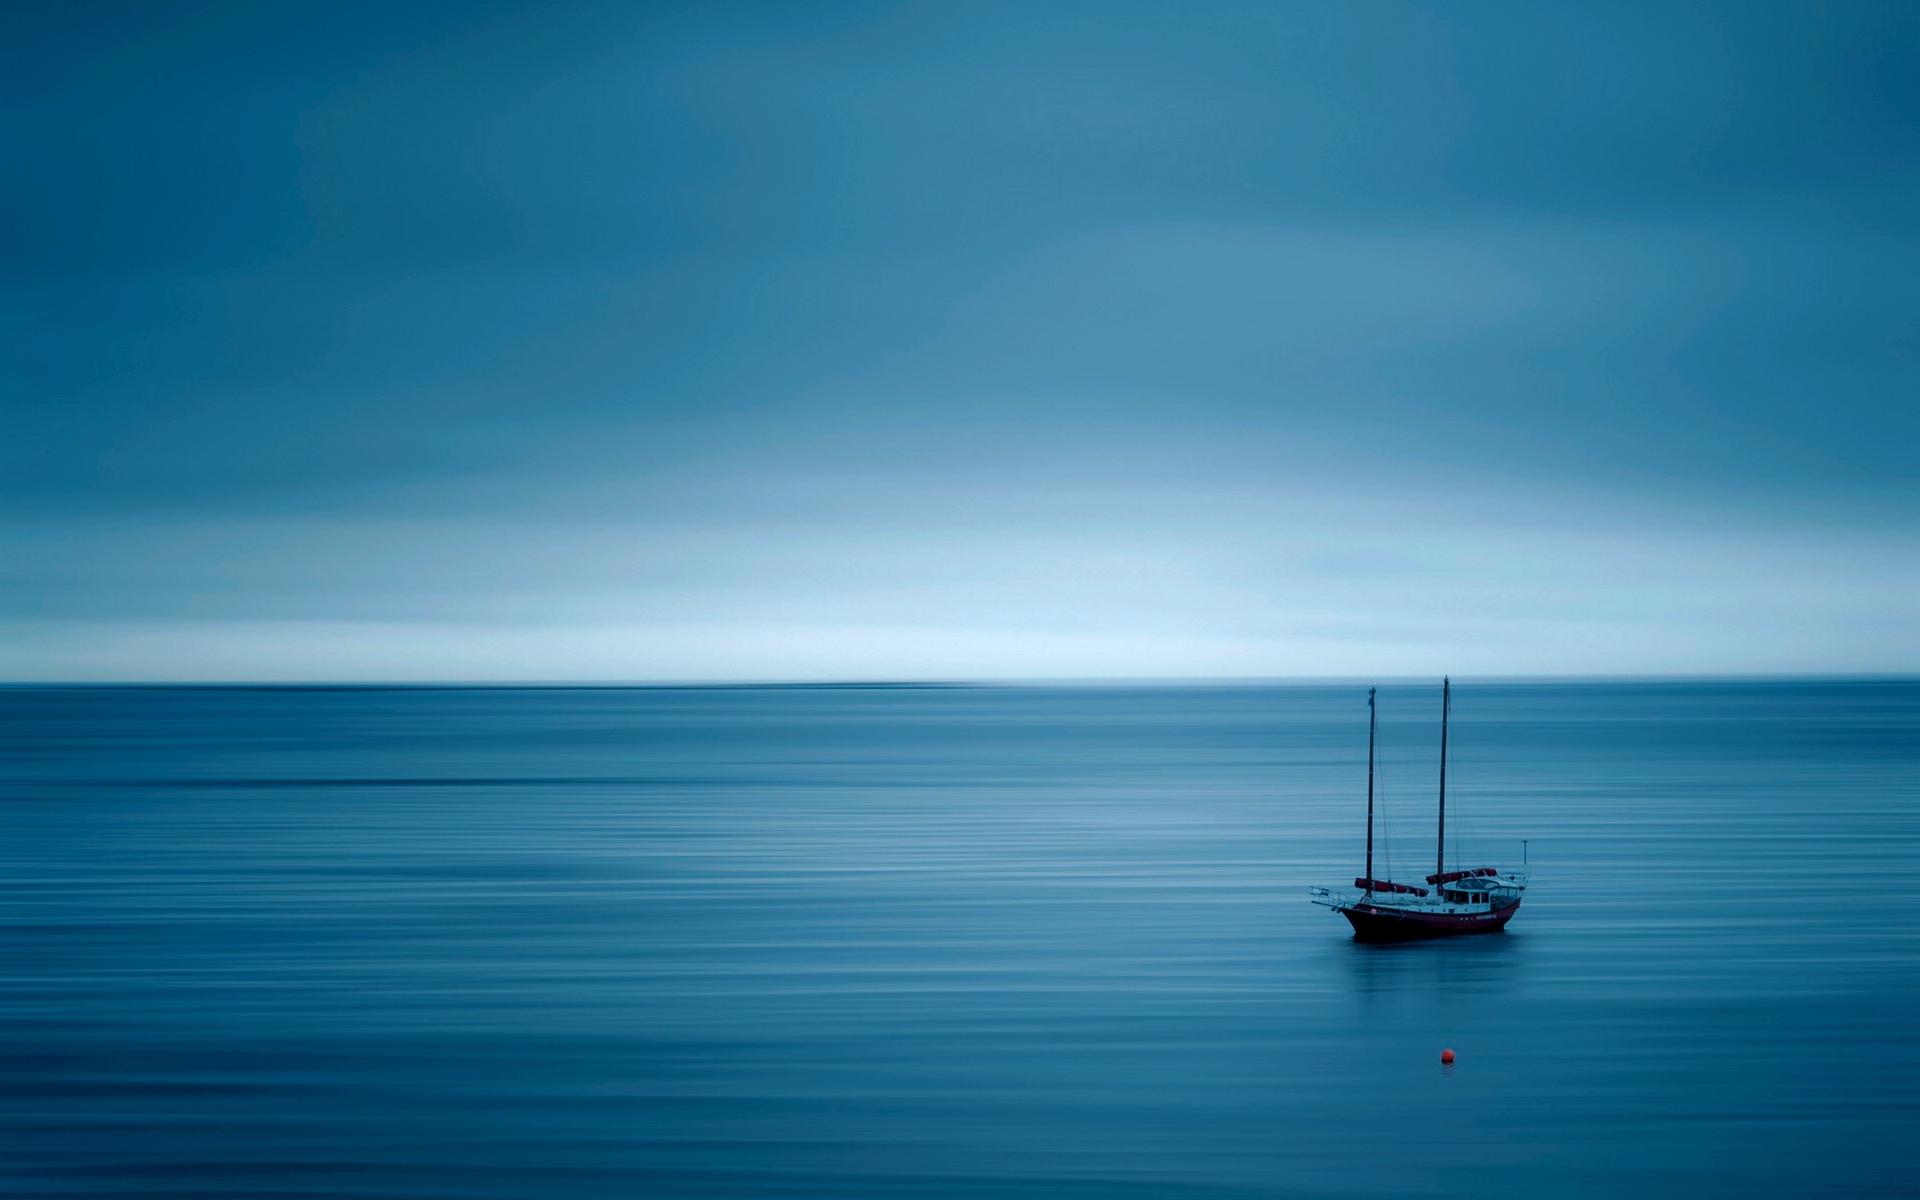 Calm Sea 5019